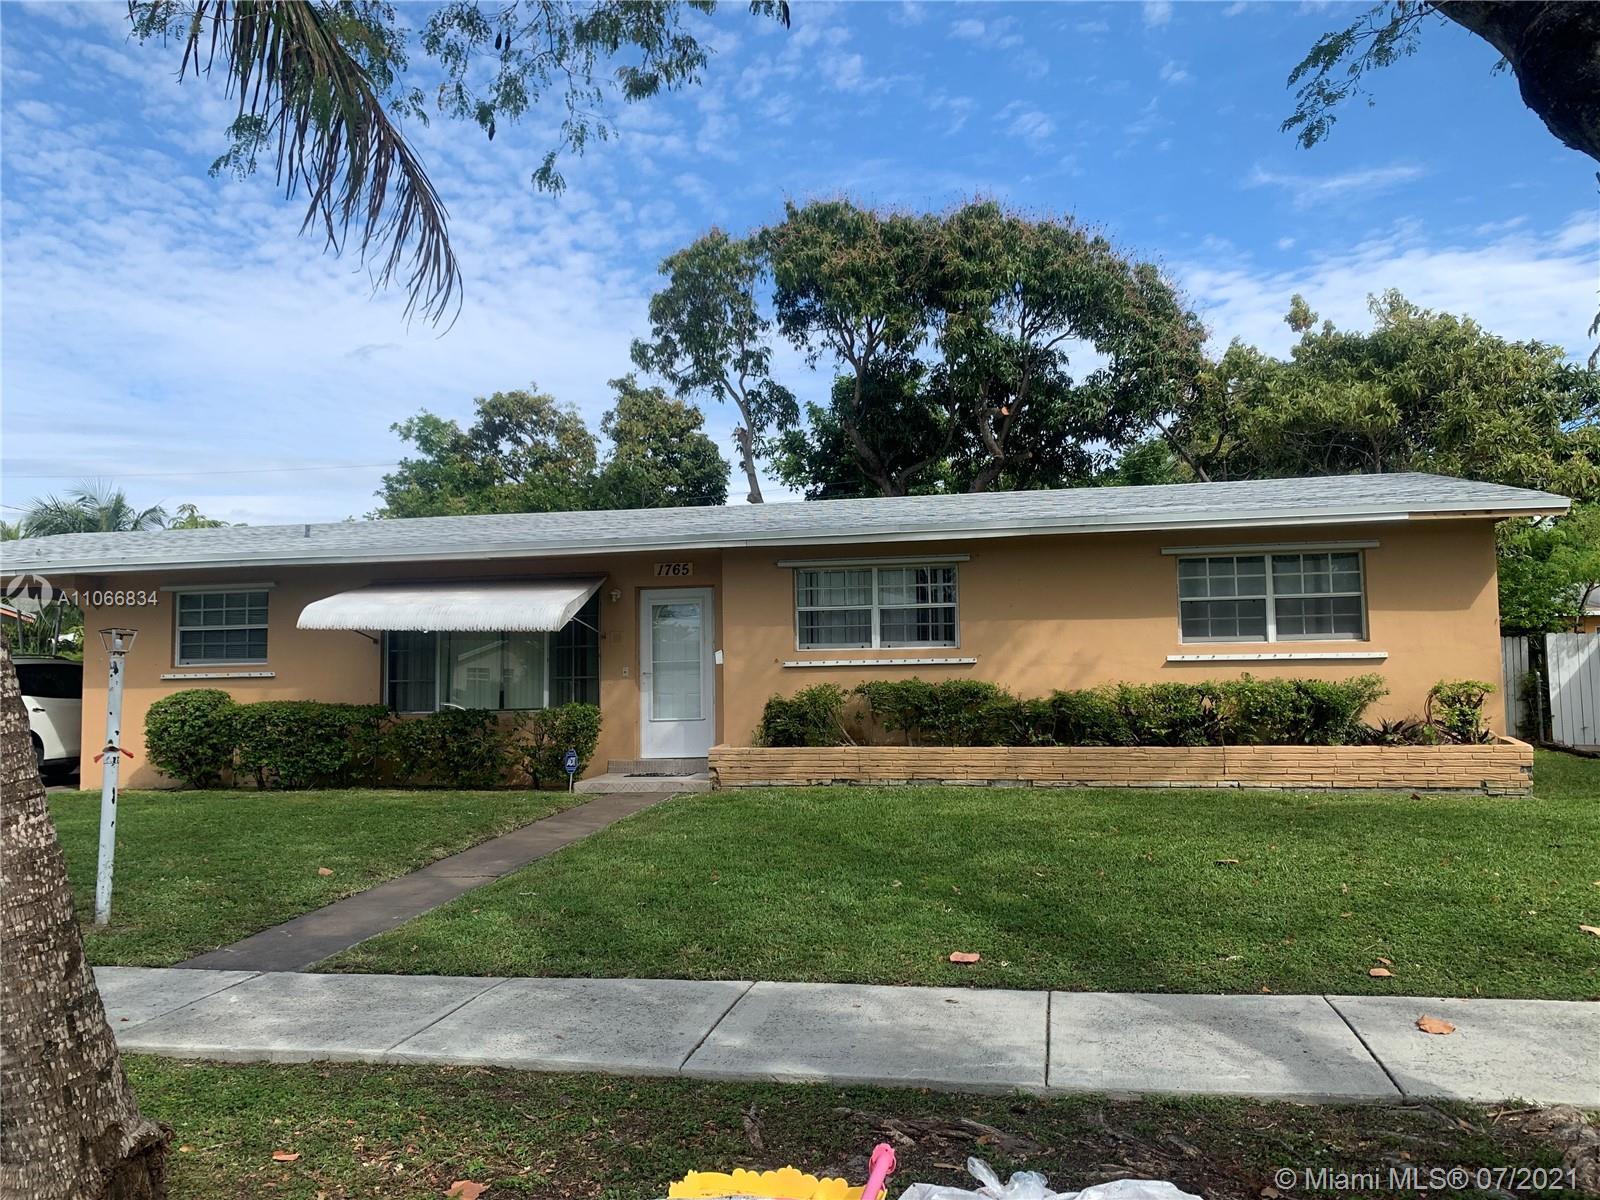 North Miami Beach - 1765 NE 158th st, North Miami Beach, FL 33162